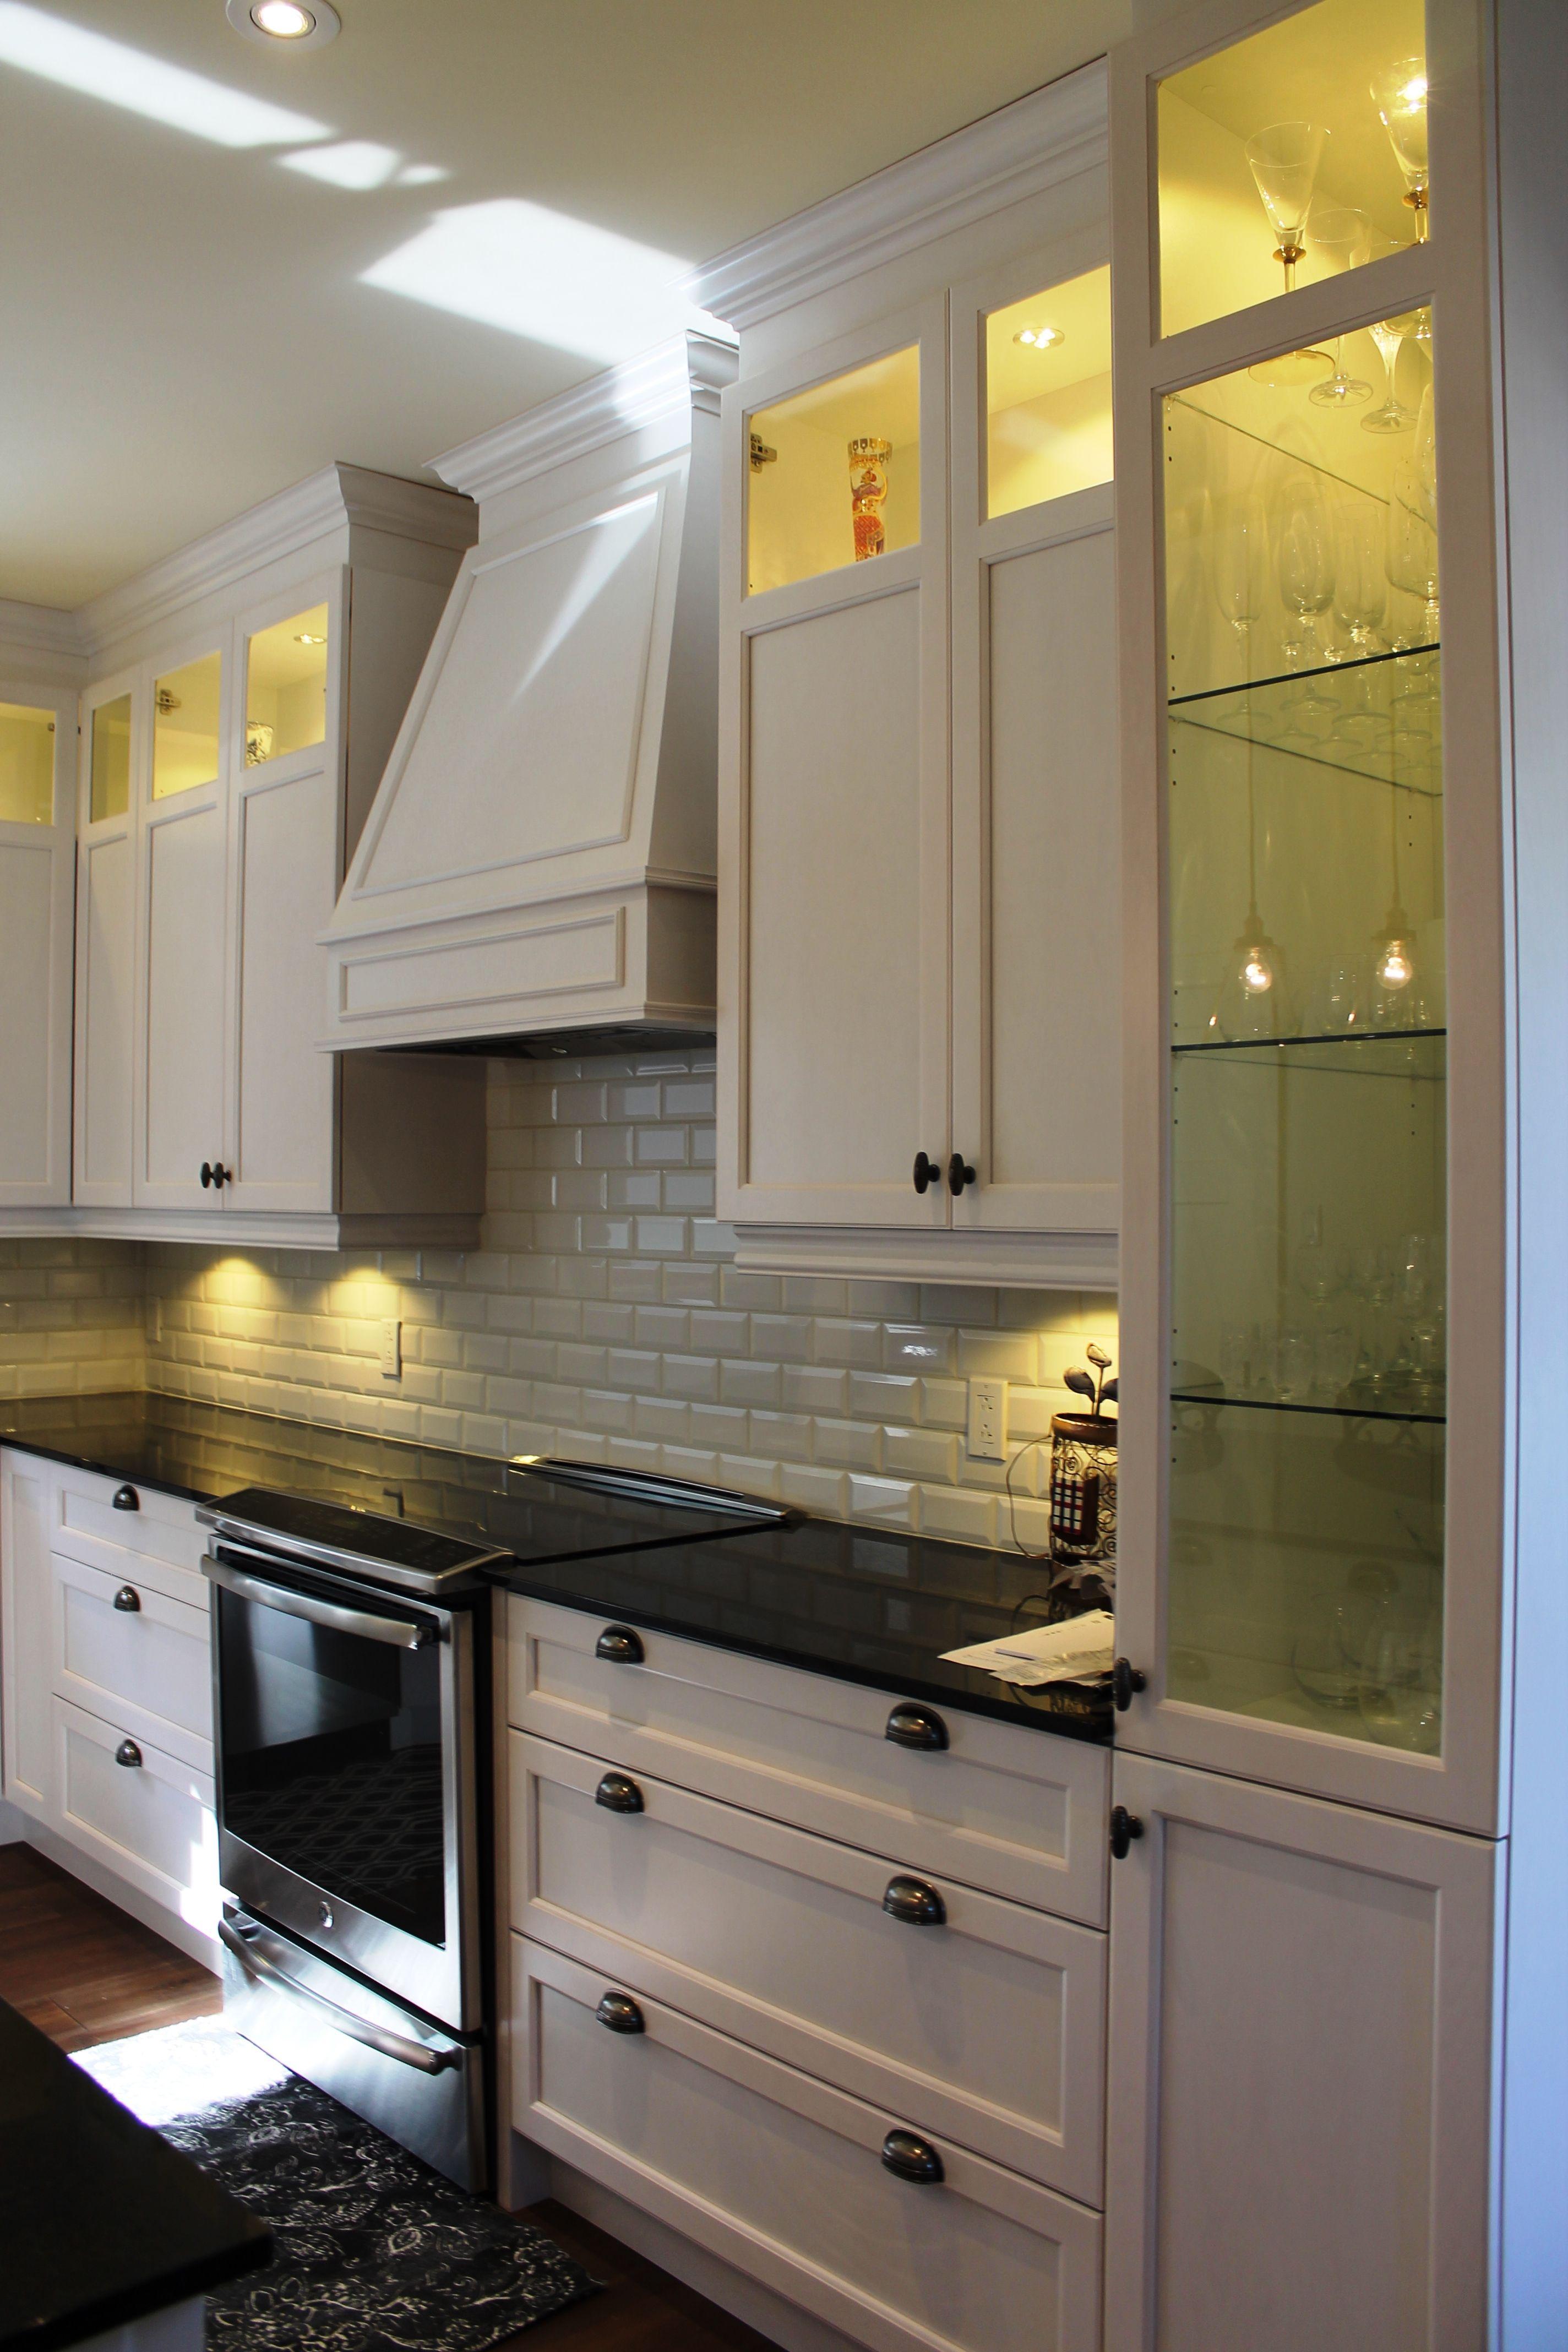 cuisine champ tre cuisine classique verrerie merisier laqu cuisine concept izo design. Black Bedroom Furniture Sets. Home Design Ideas